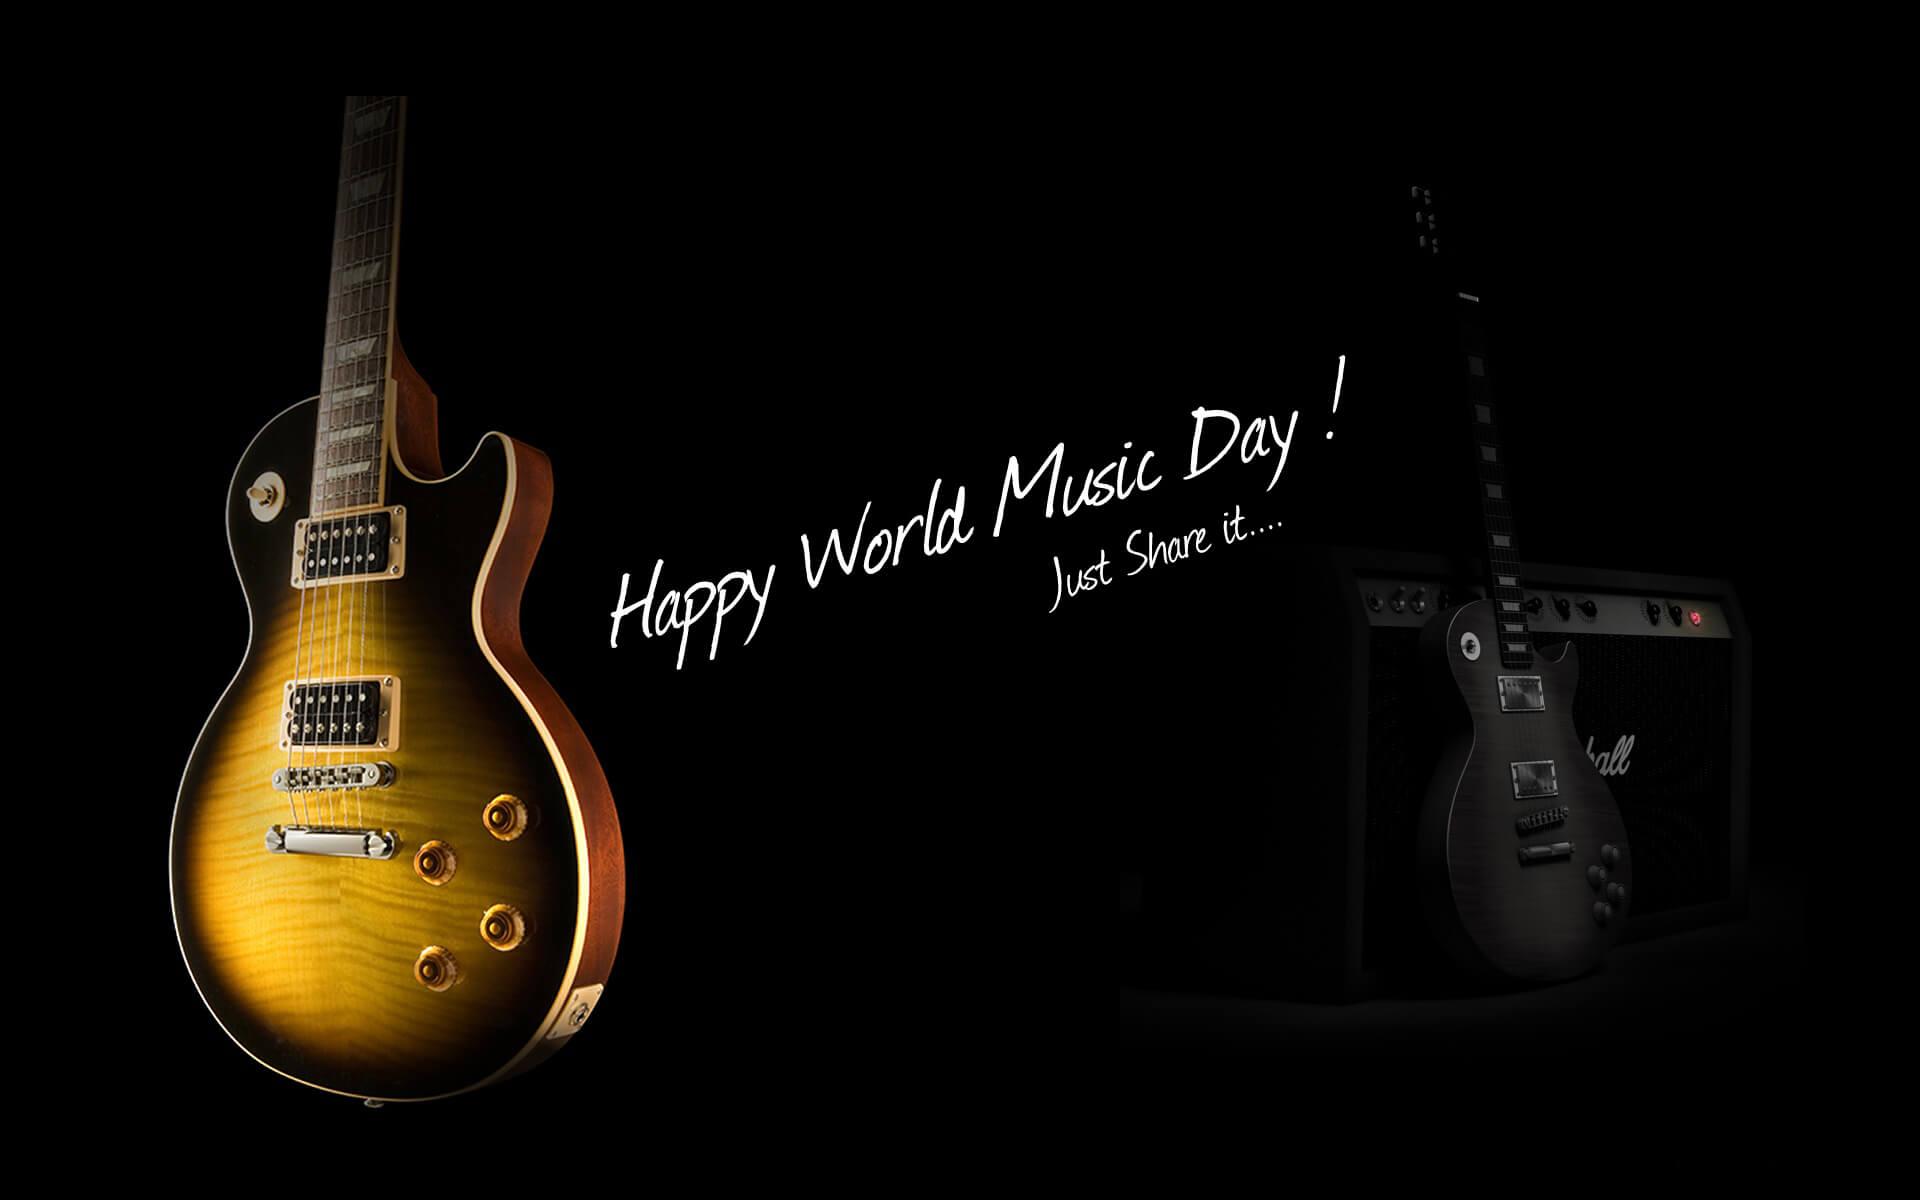 World Music Day Guitar Wallpaper 1920x1200